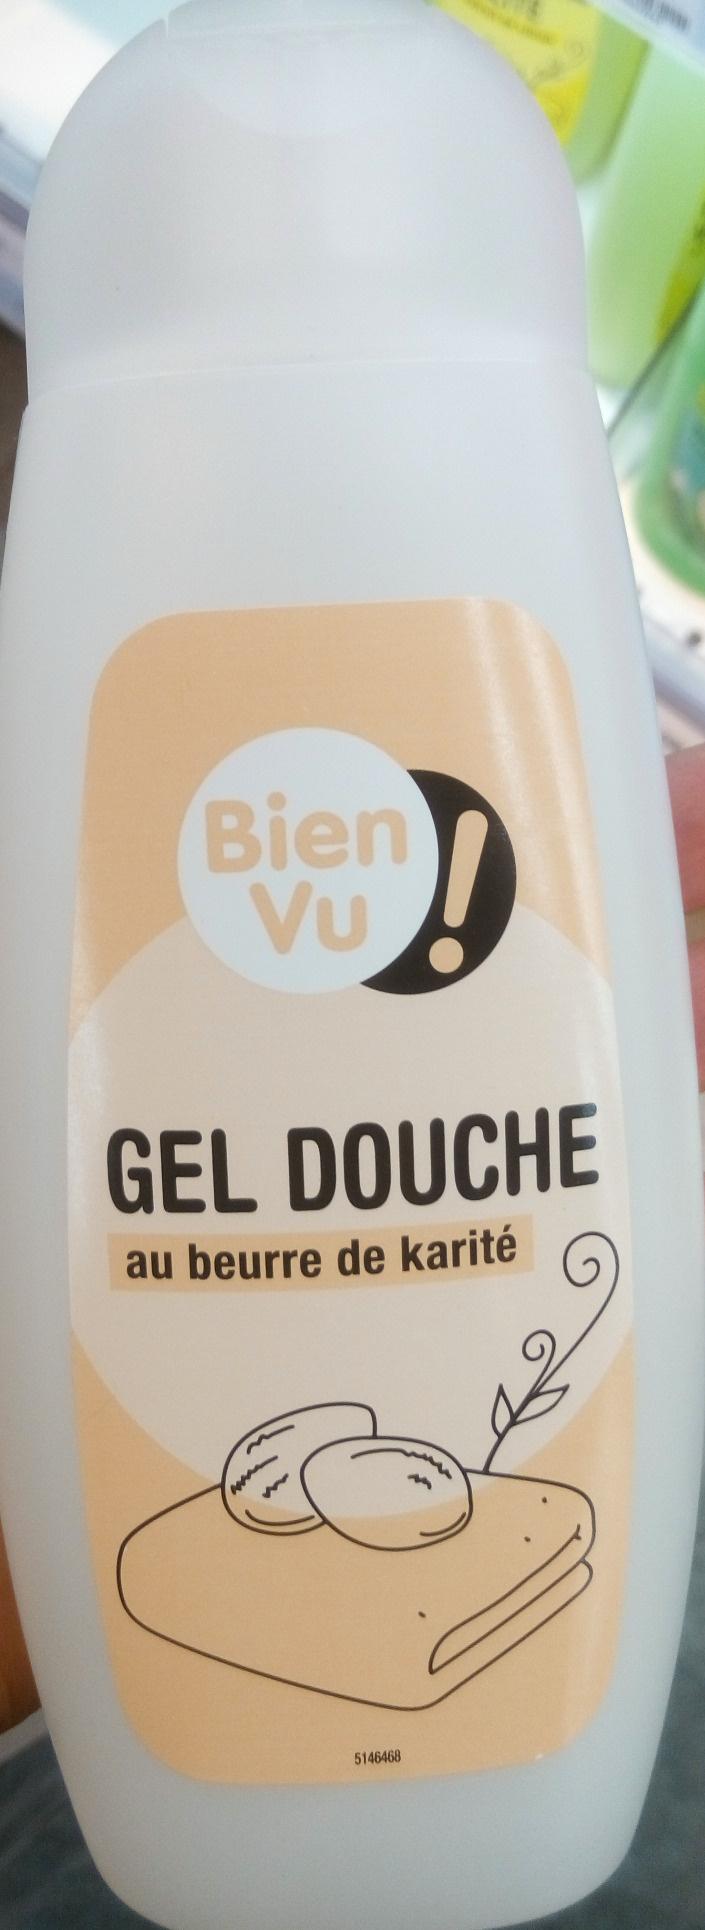 Gel douche au beurre de karité - Product